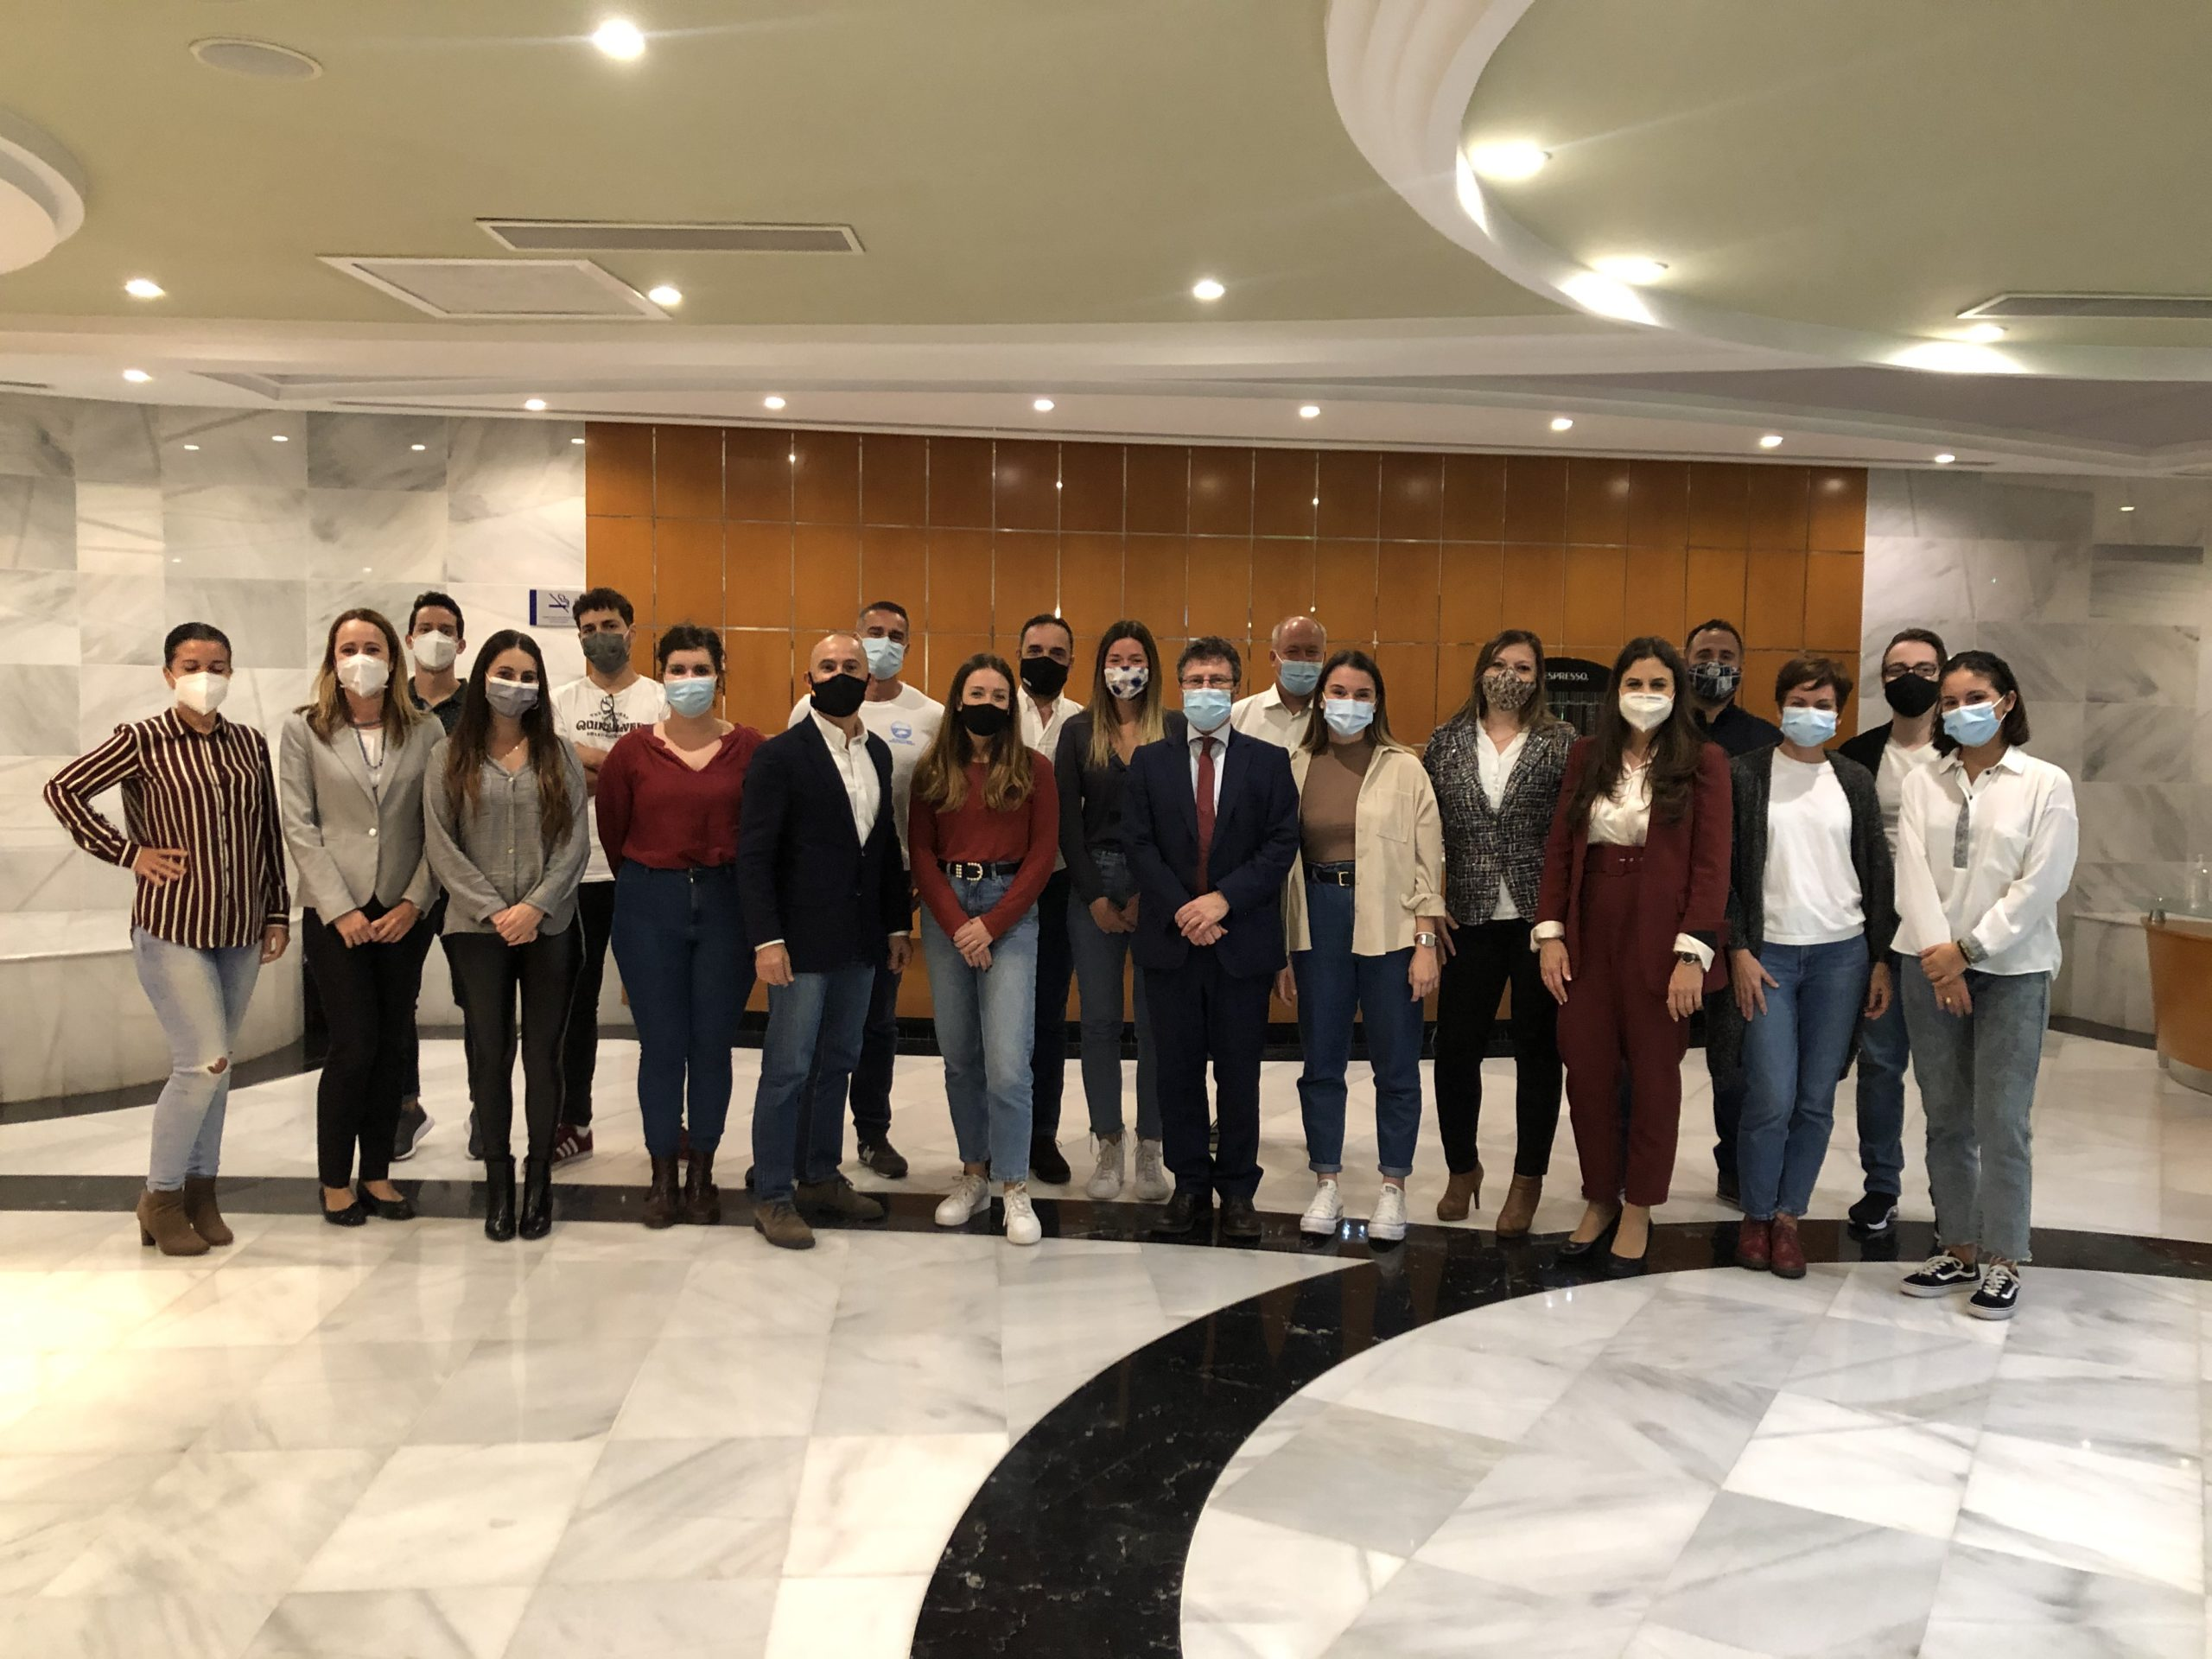 ICTurismo en Gran Canaria: último mes del Programa Superior 2020